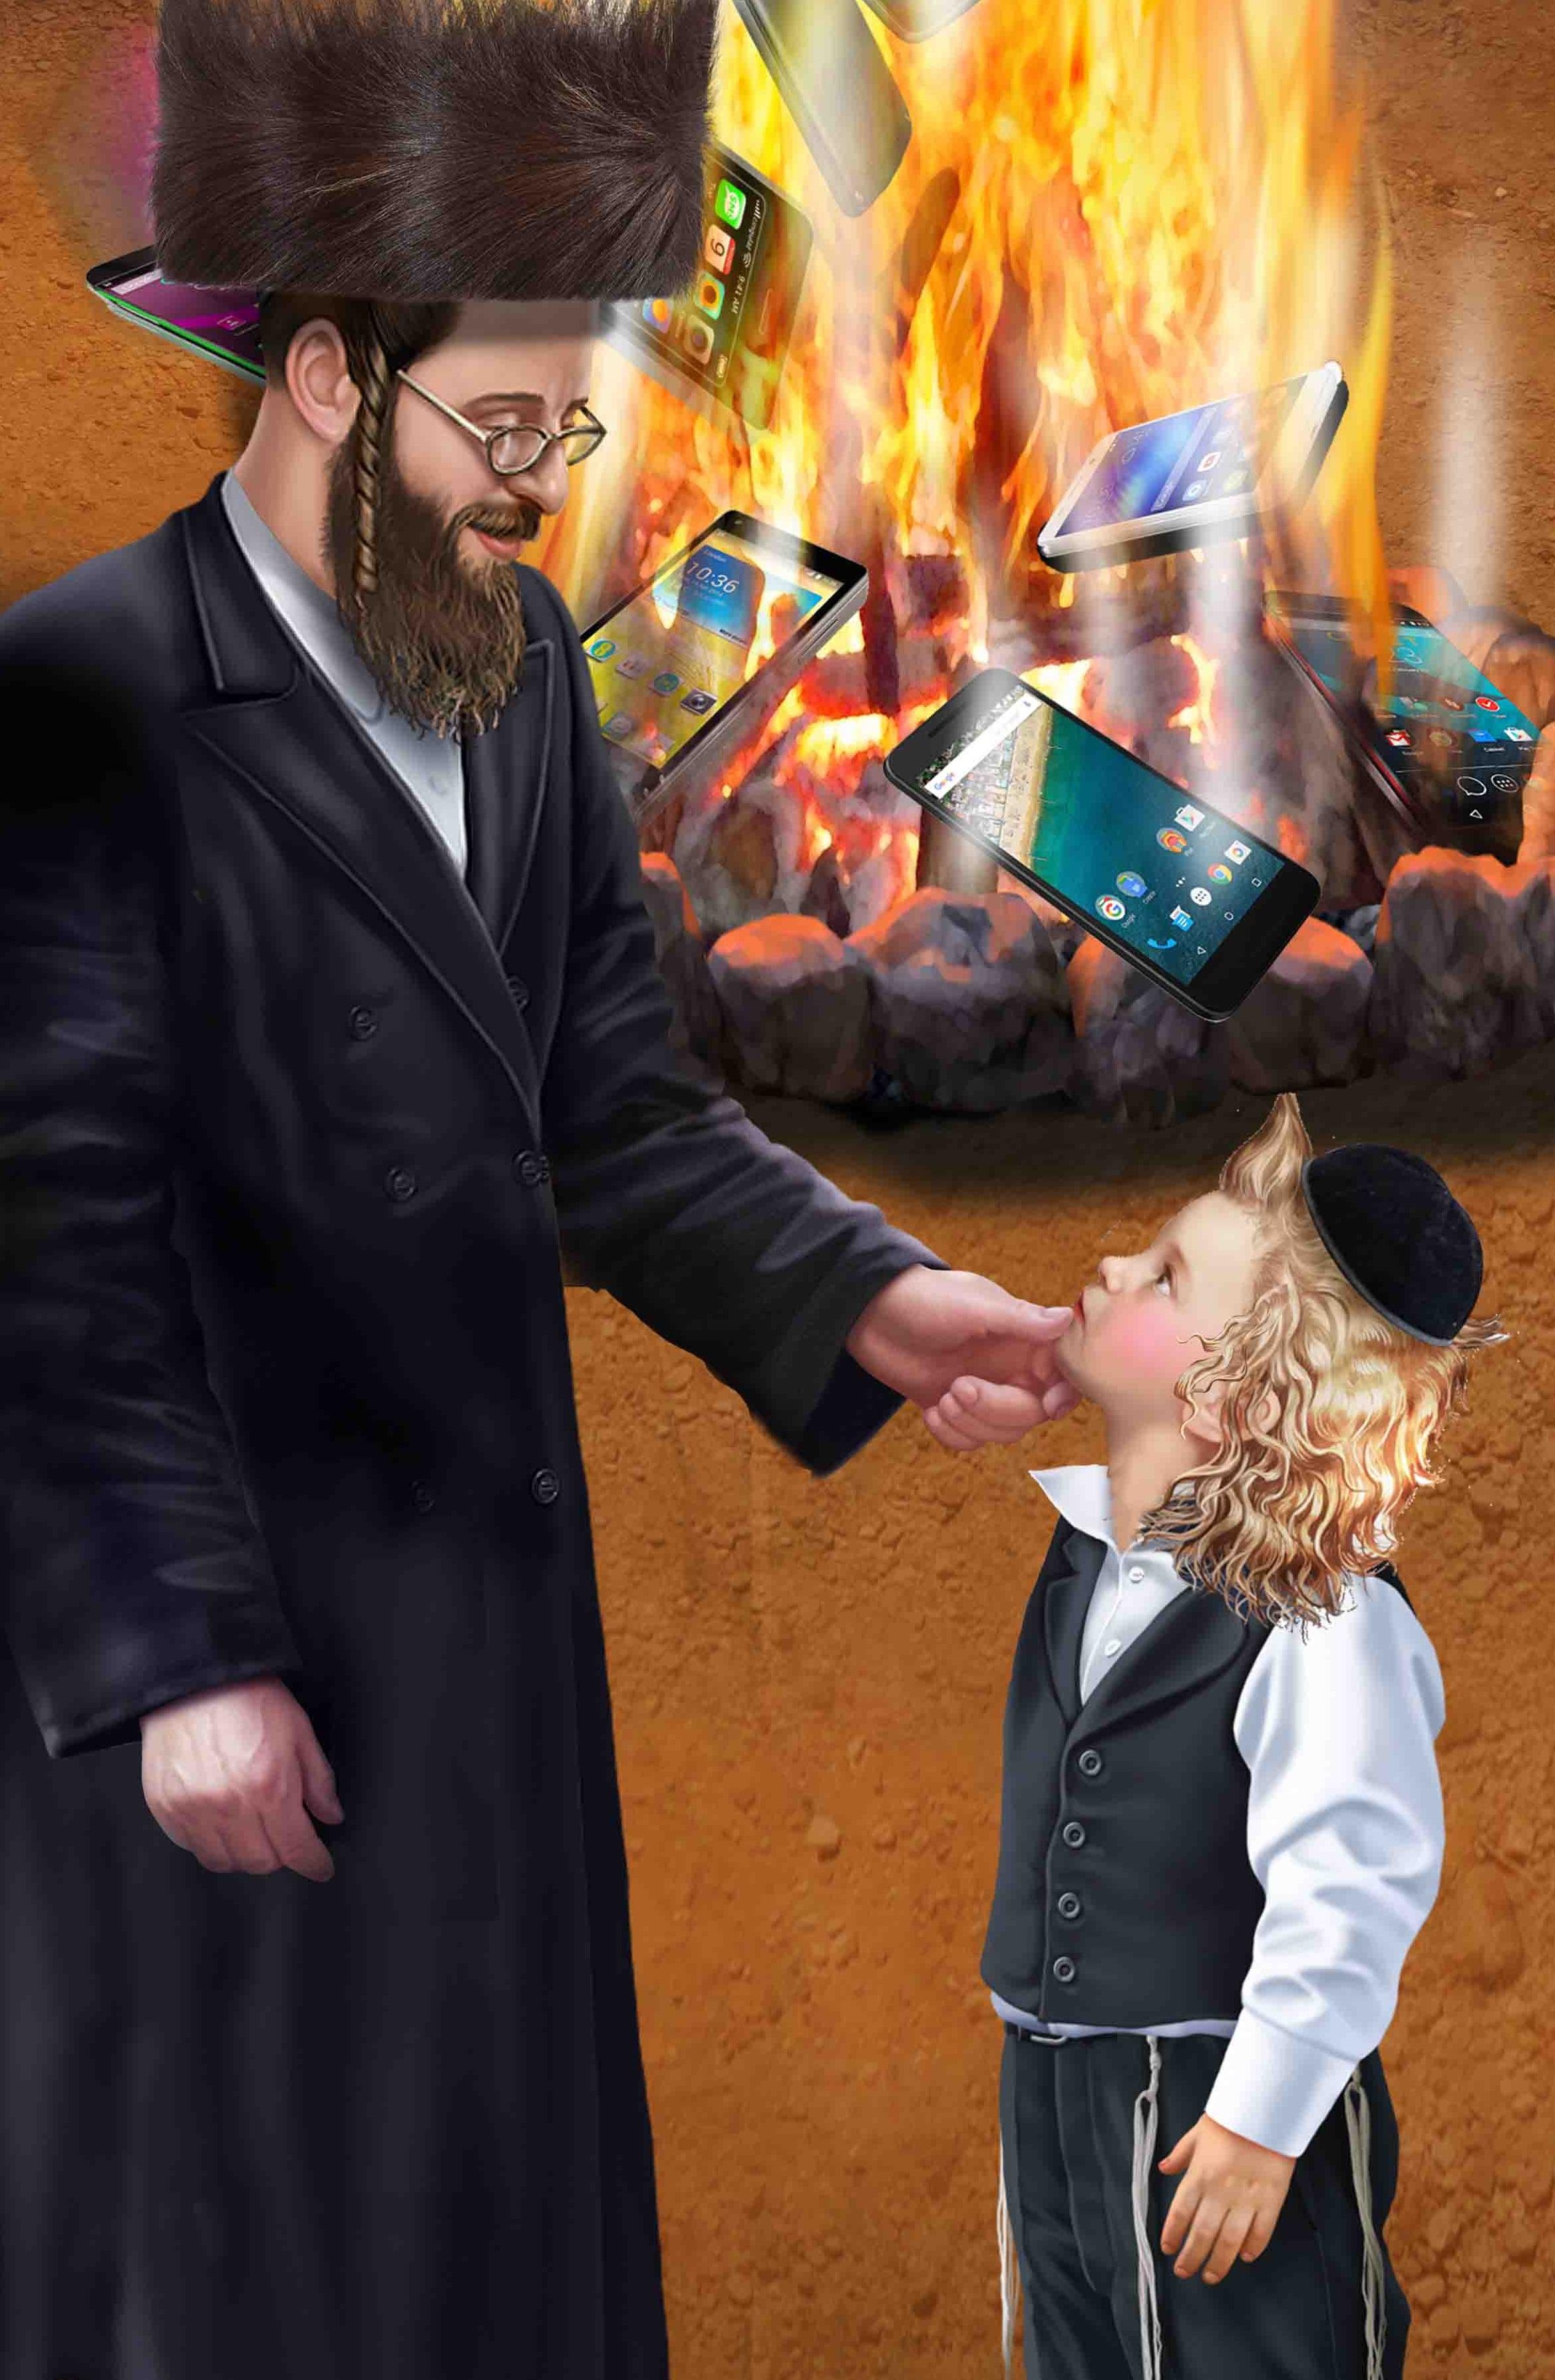 יישר כח, אבא! כך אהיה יהודי אמיתי!